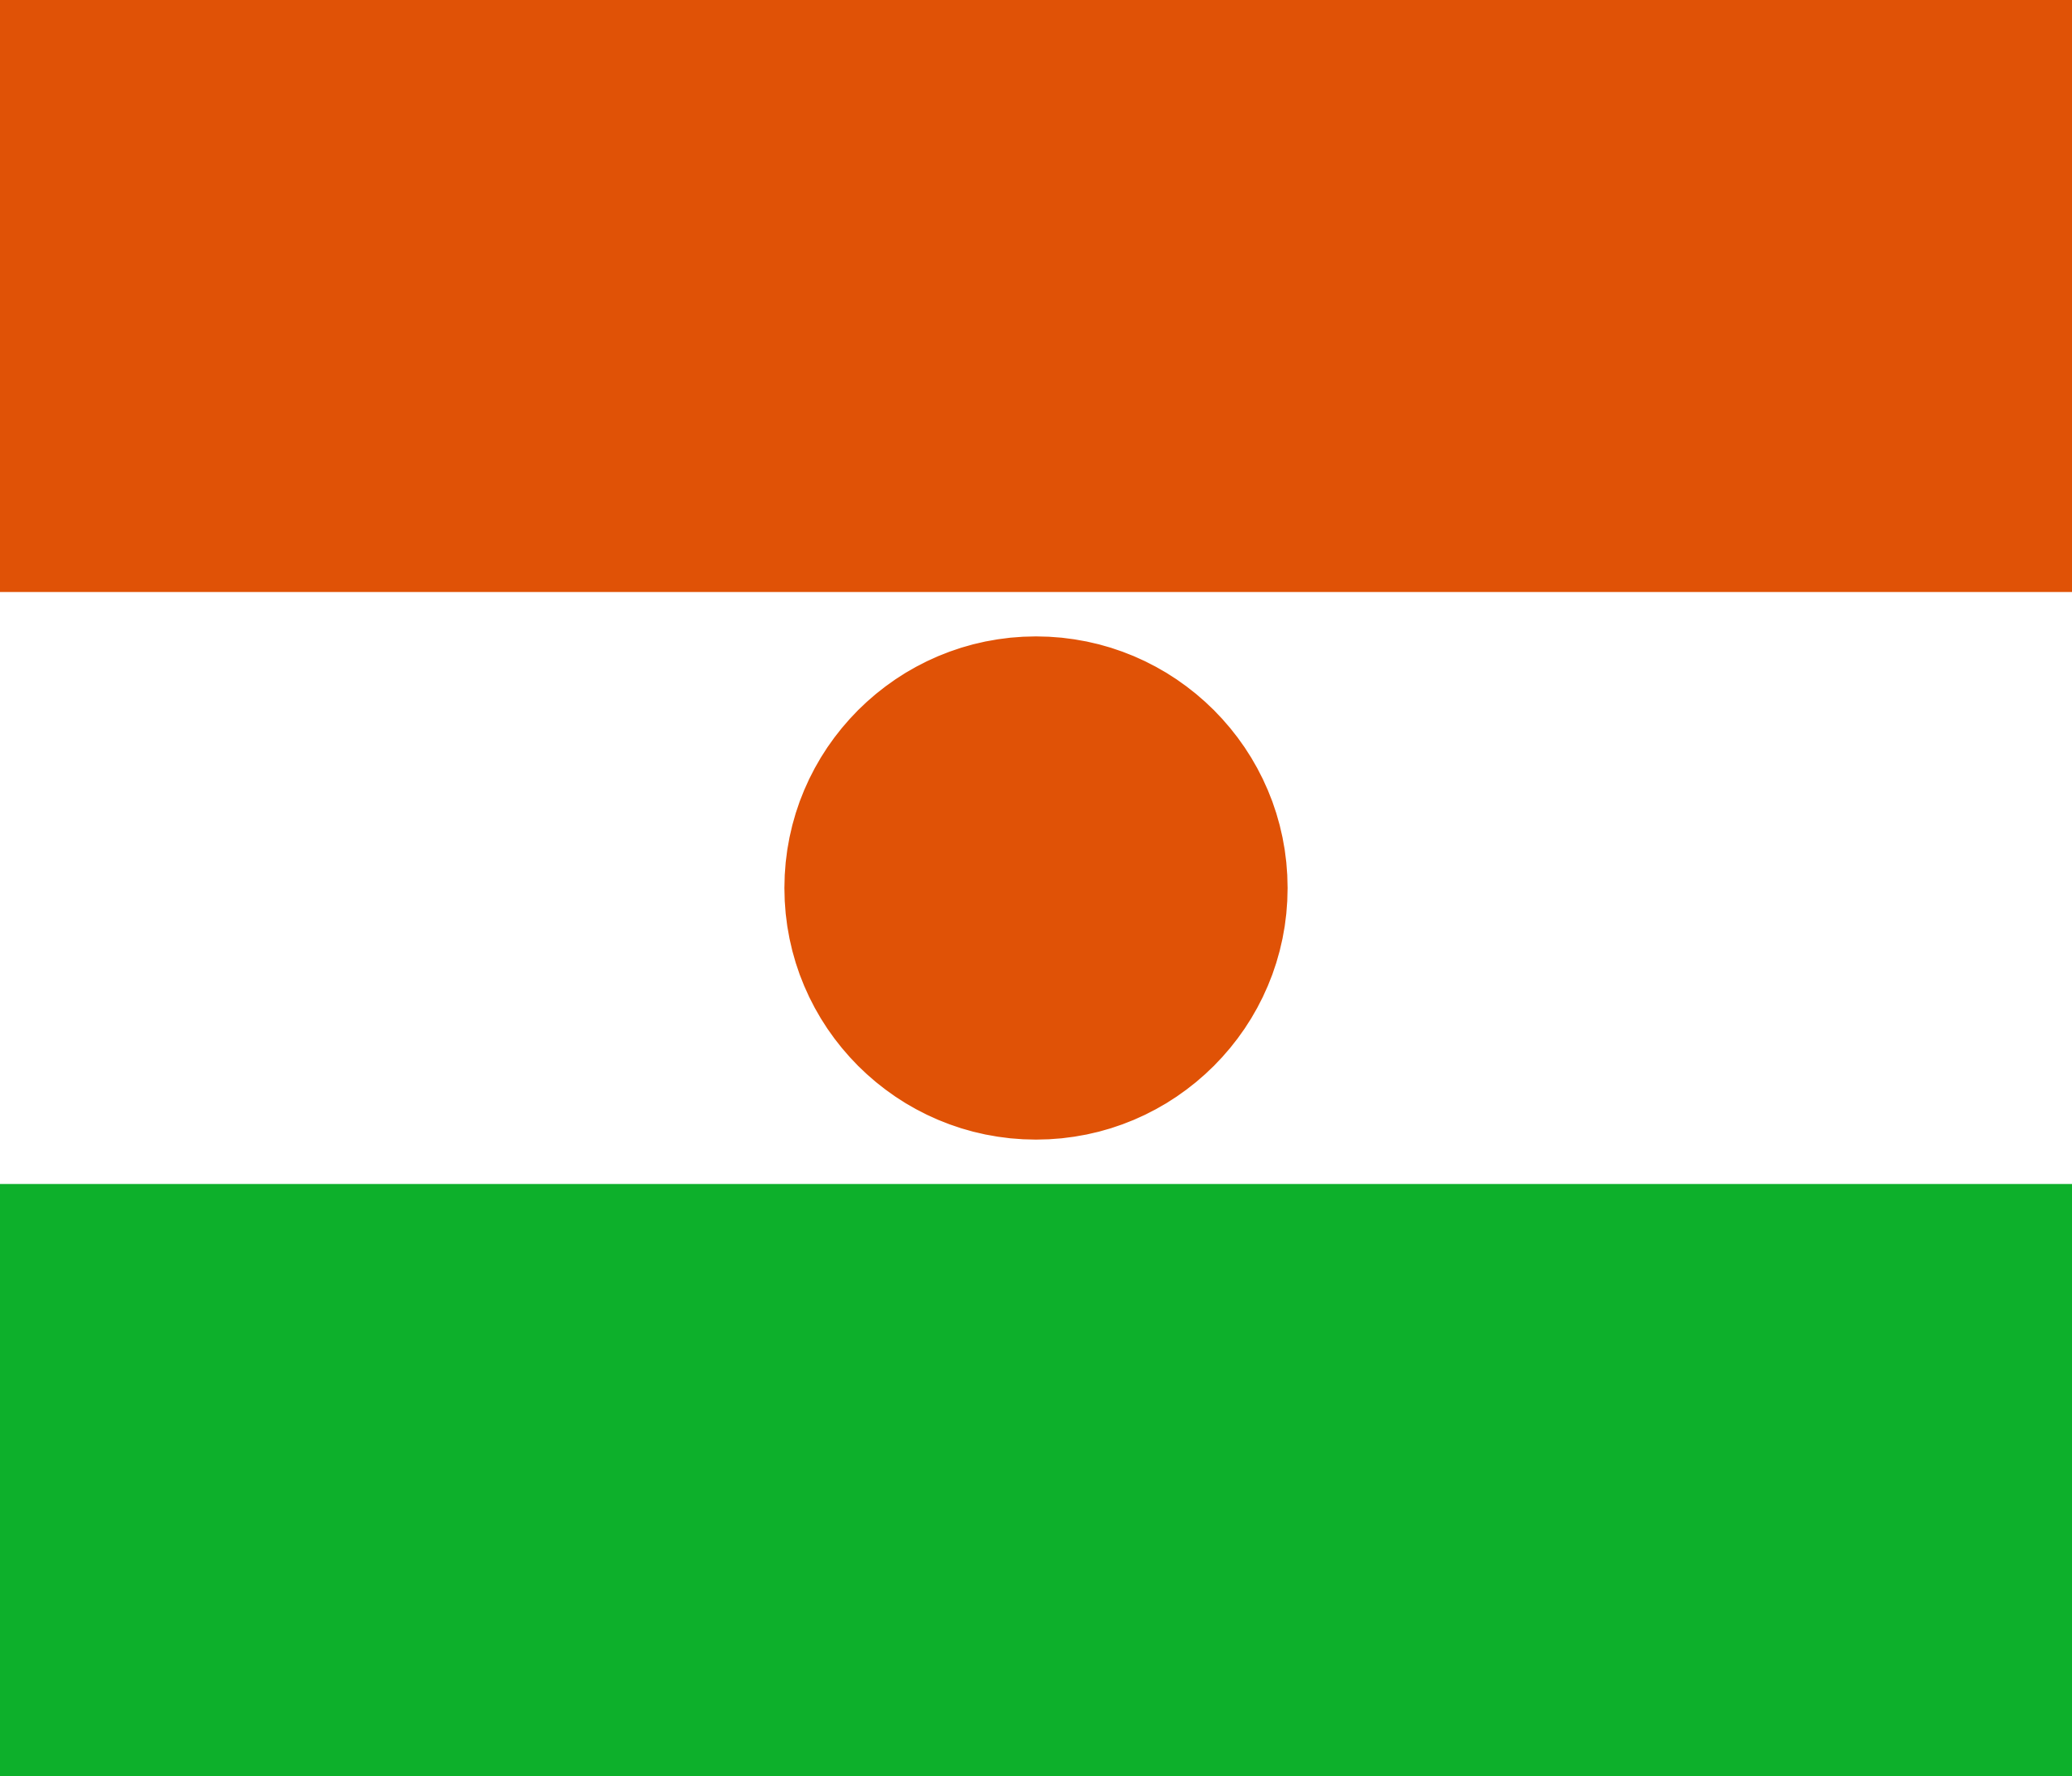 Níger, país, Brasão de armas, logotipo, símbolo - Papéis de parede HD - Professor-falken.com